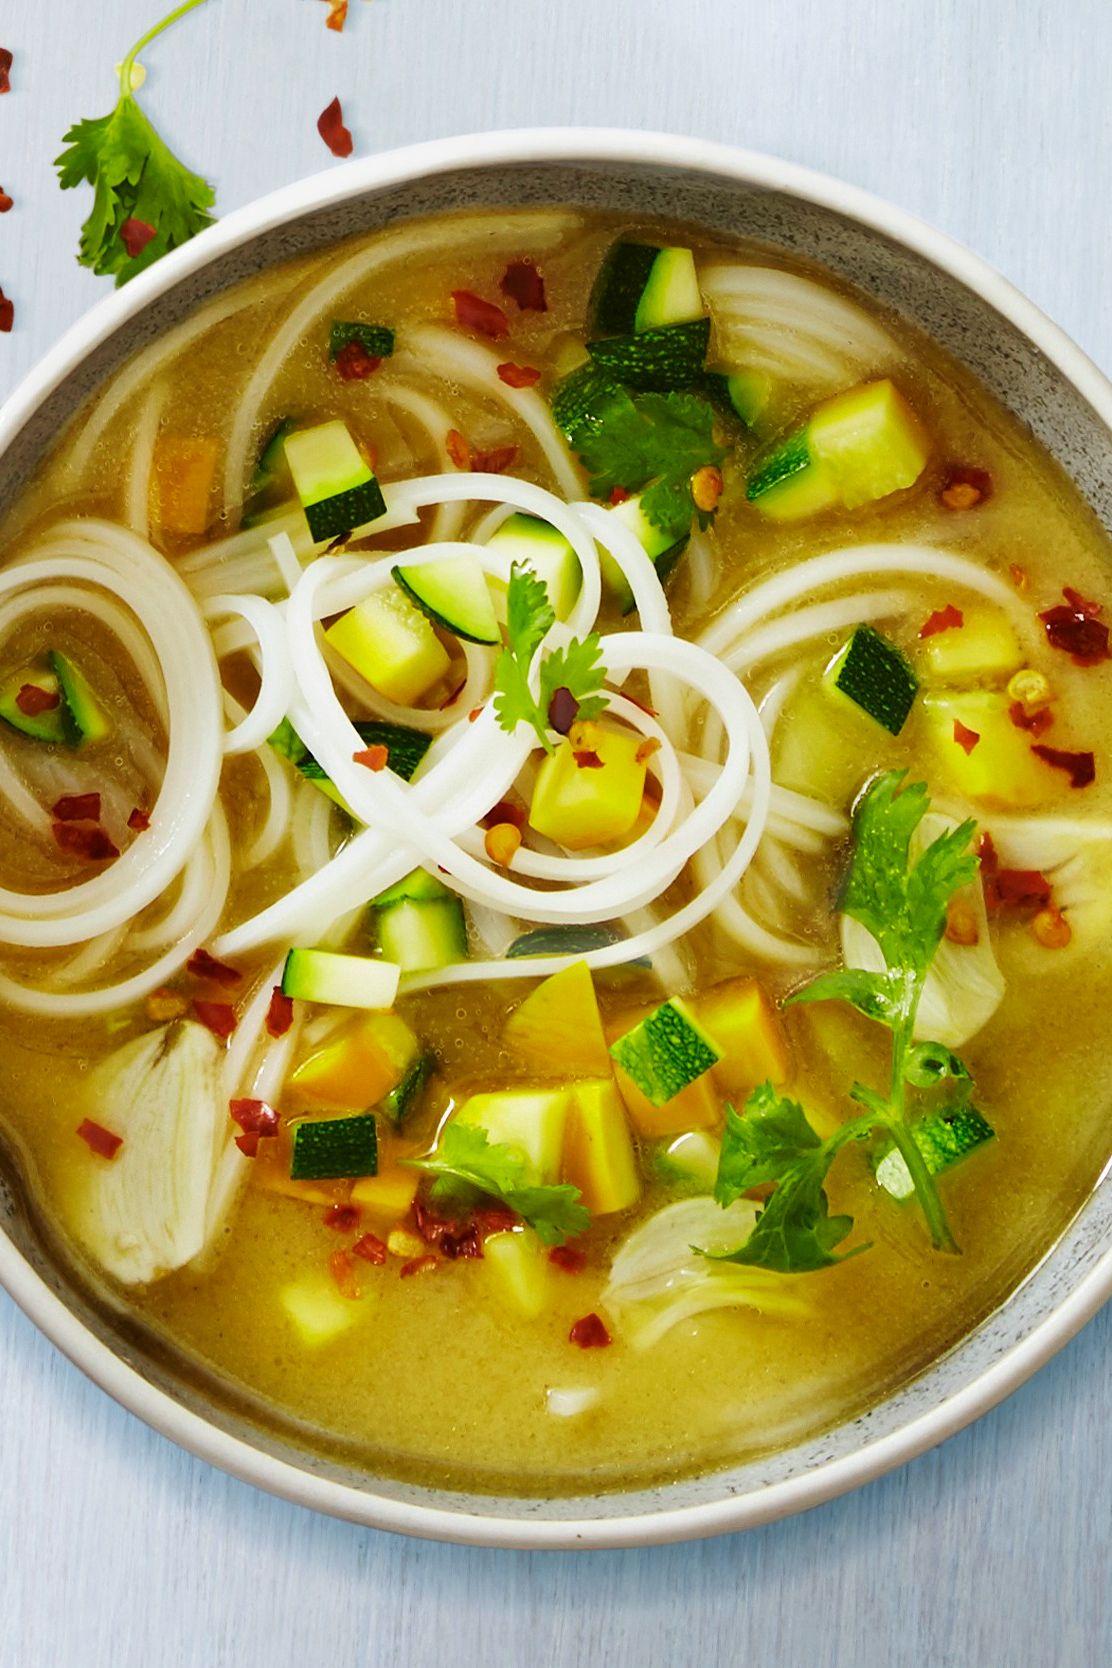 Healthy noodle soup recipes